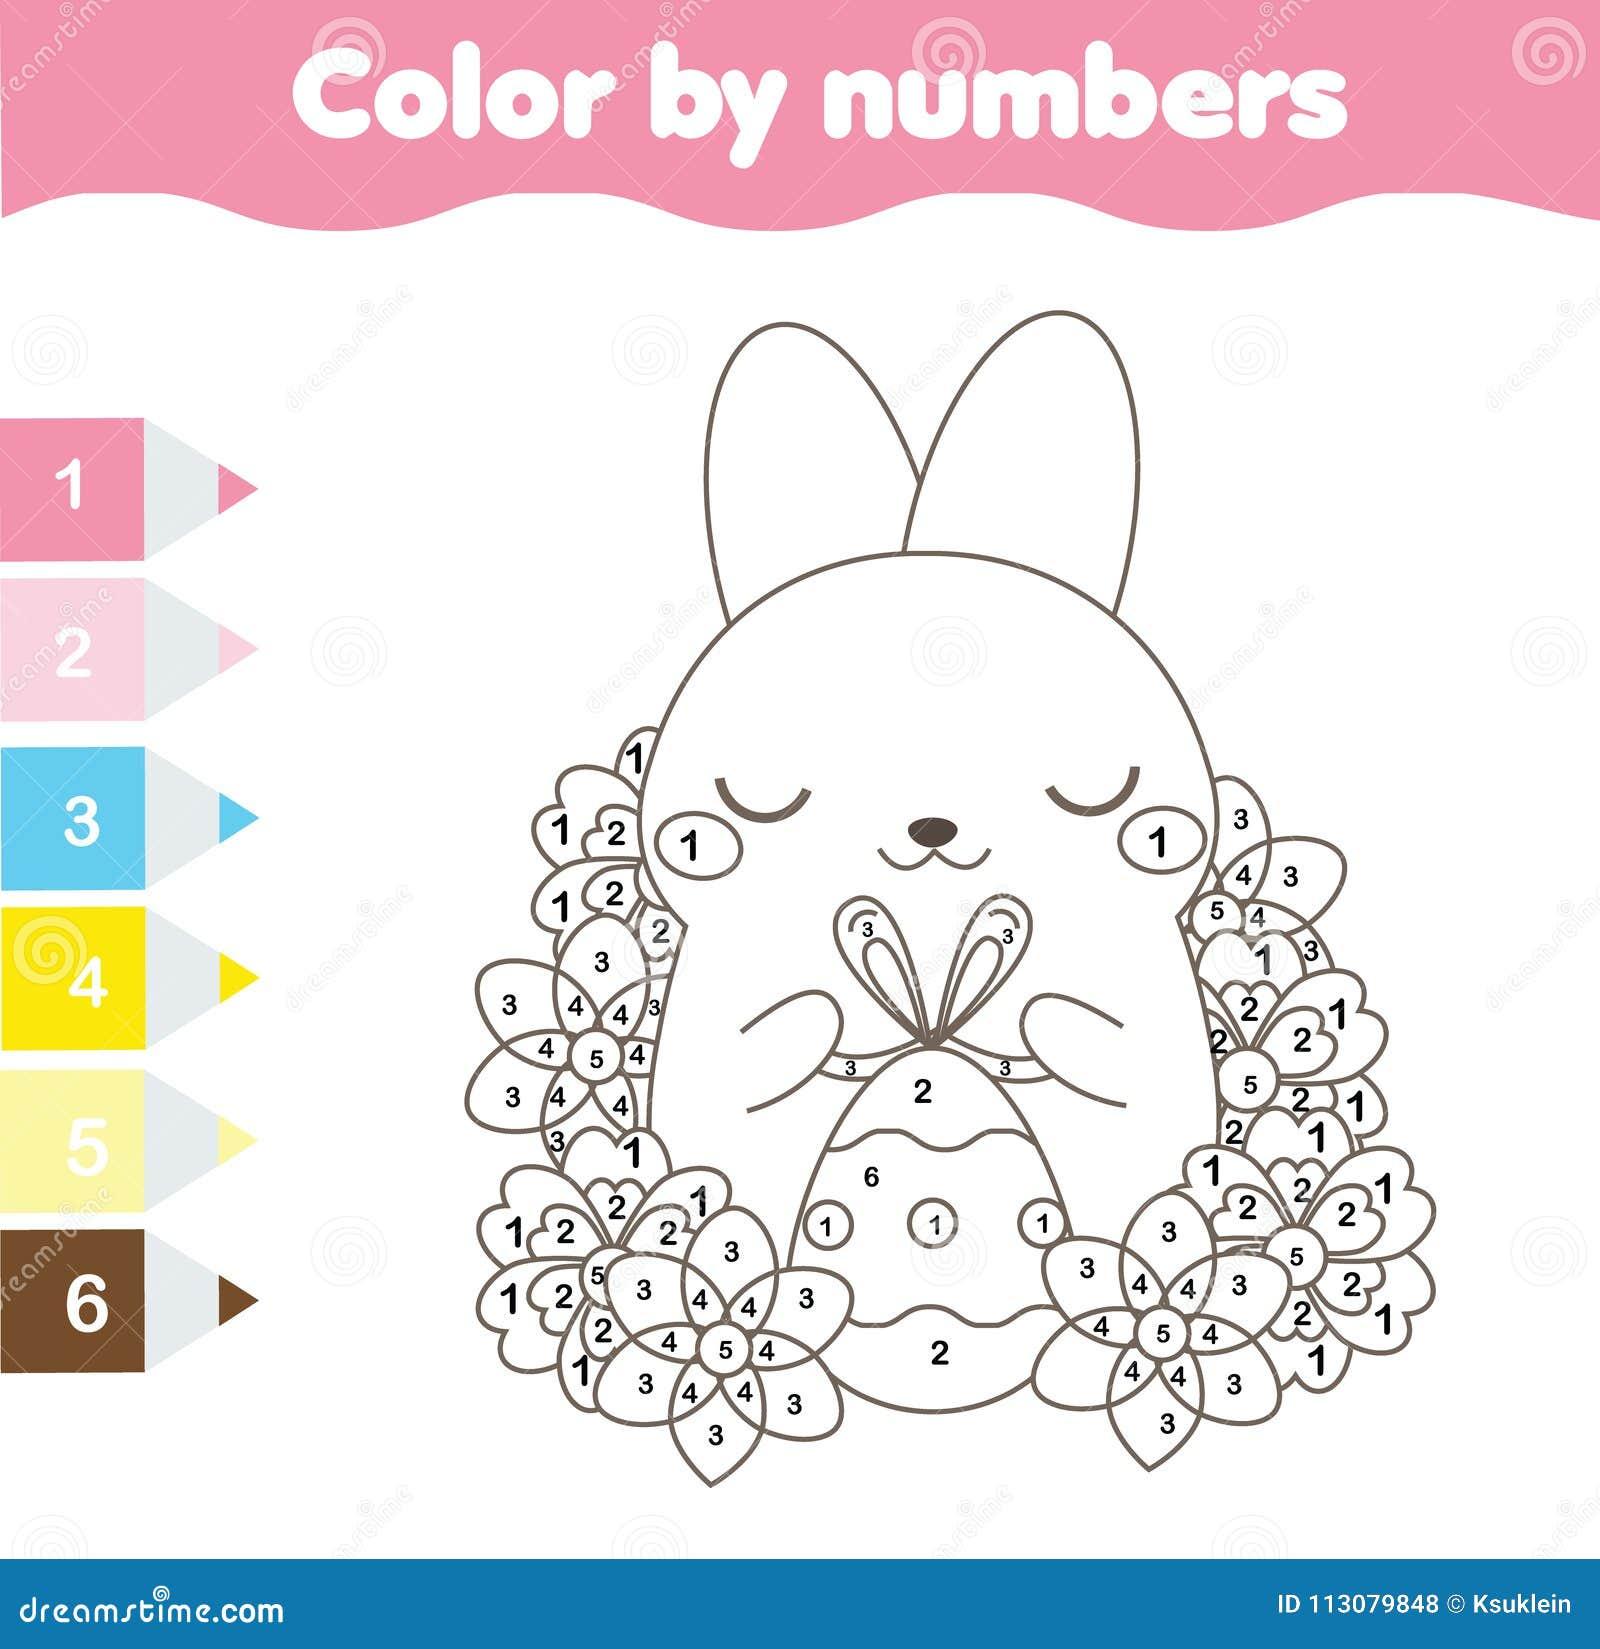 Ostern-Farbton-Seite Farbe Durch Zahlen, Bedruckbares Arbeitsblatt ...